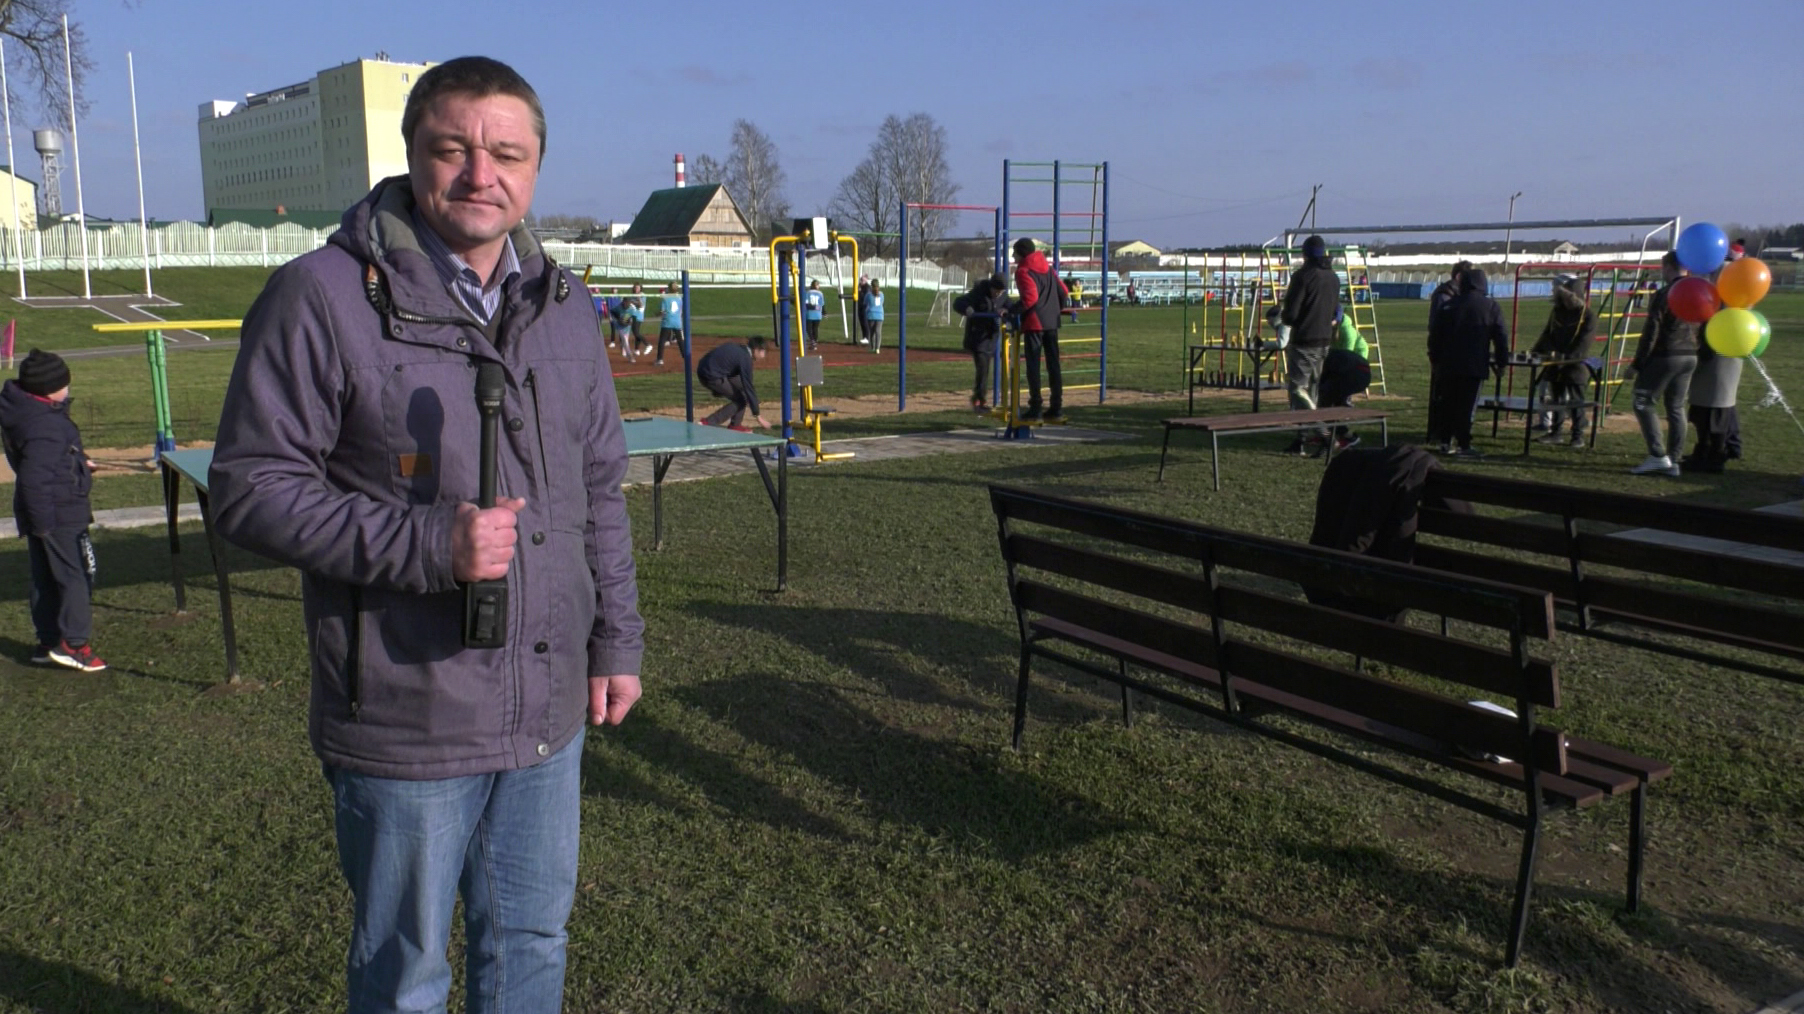 dolzha - Спортивно-культурный комплекс обустроили в Долже под Витебском (видео)